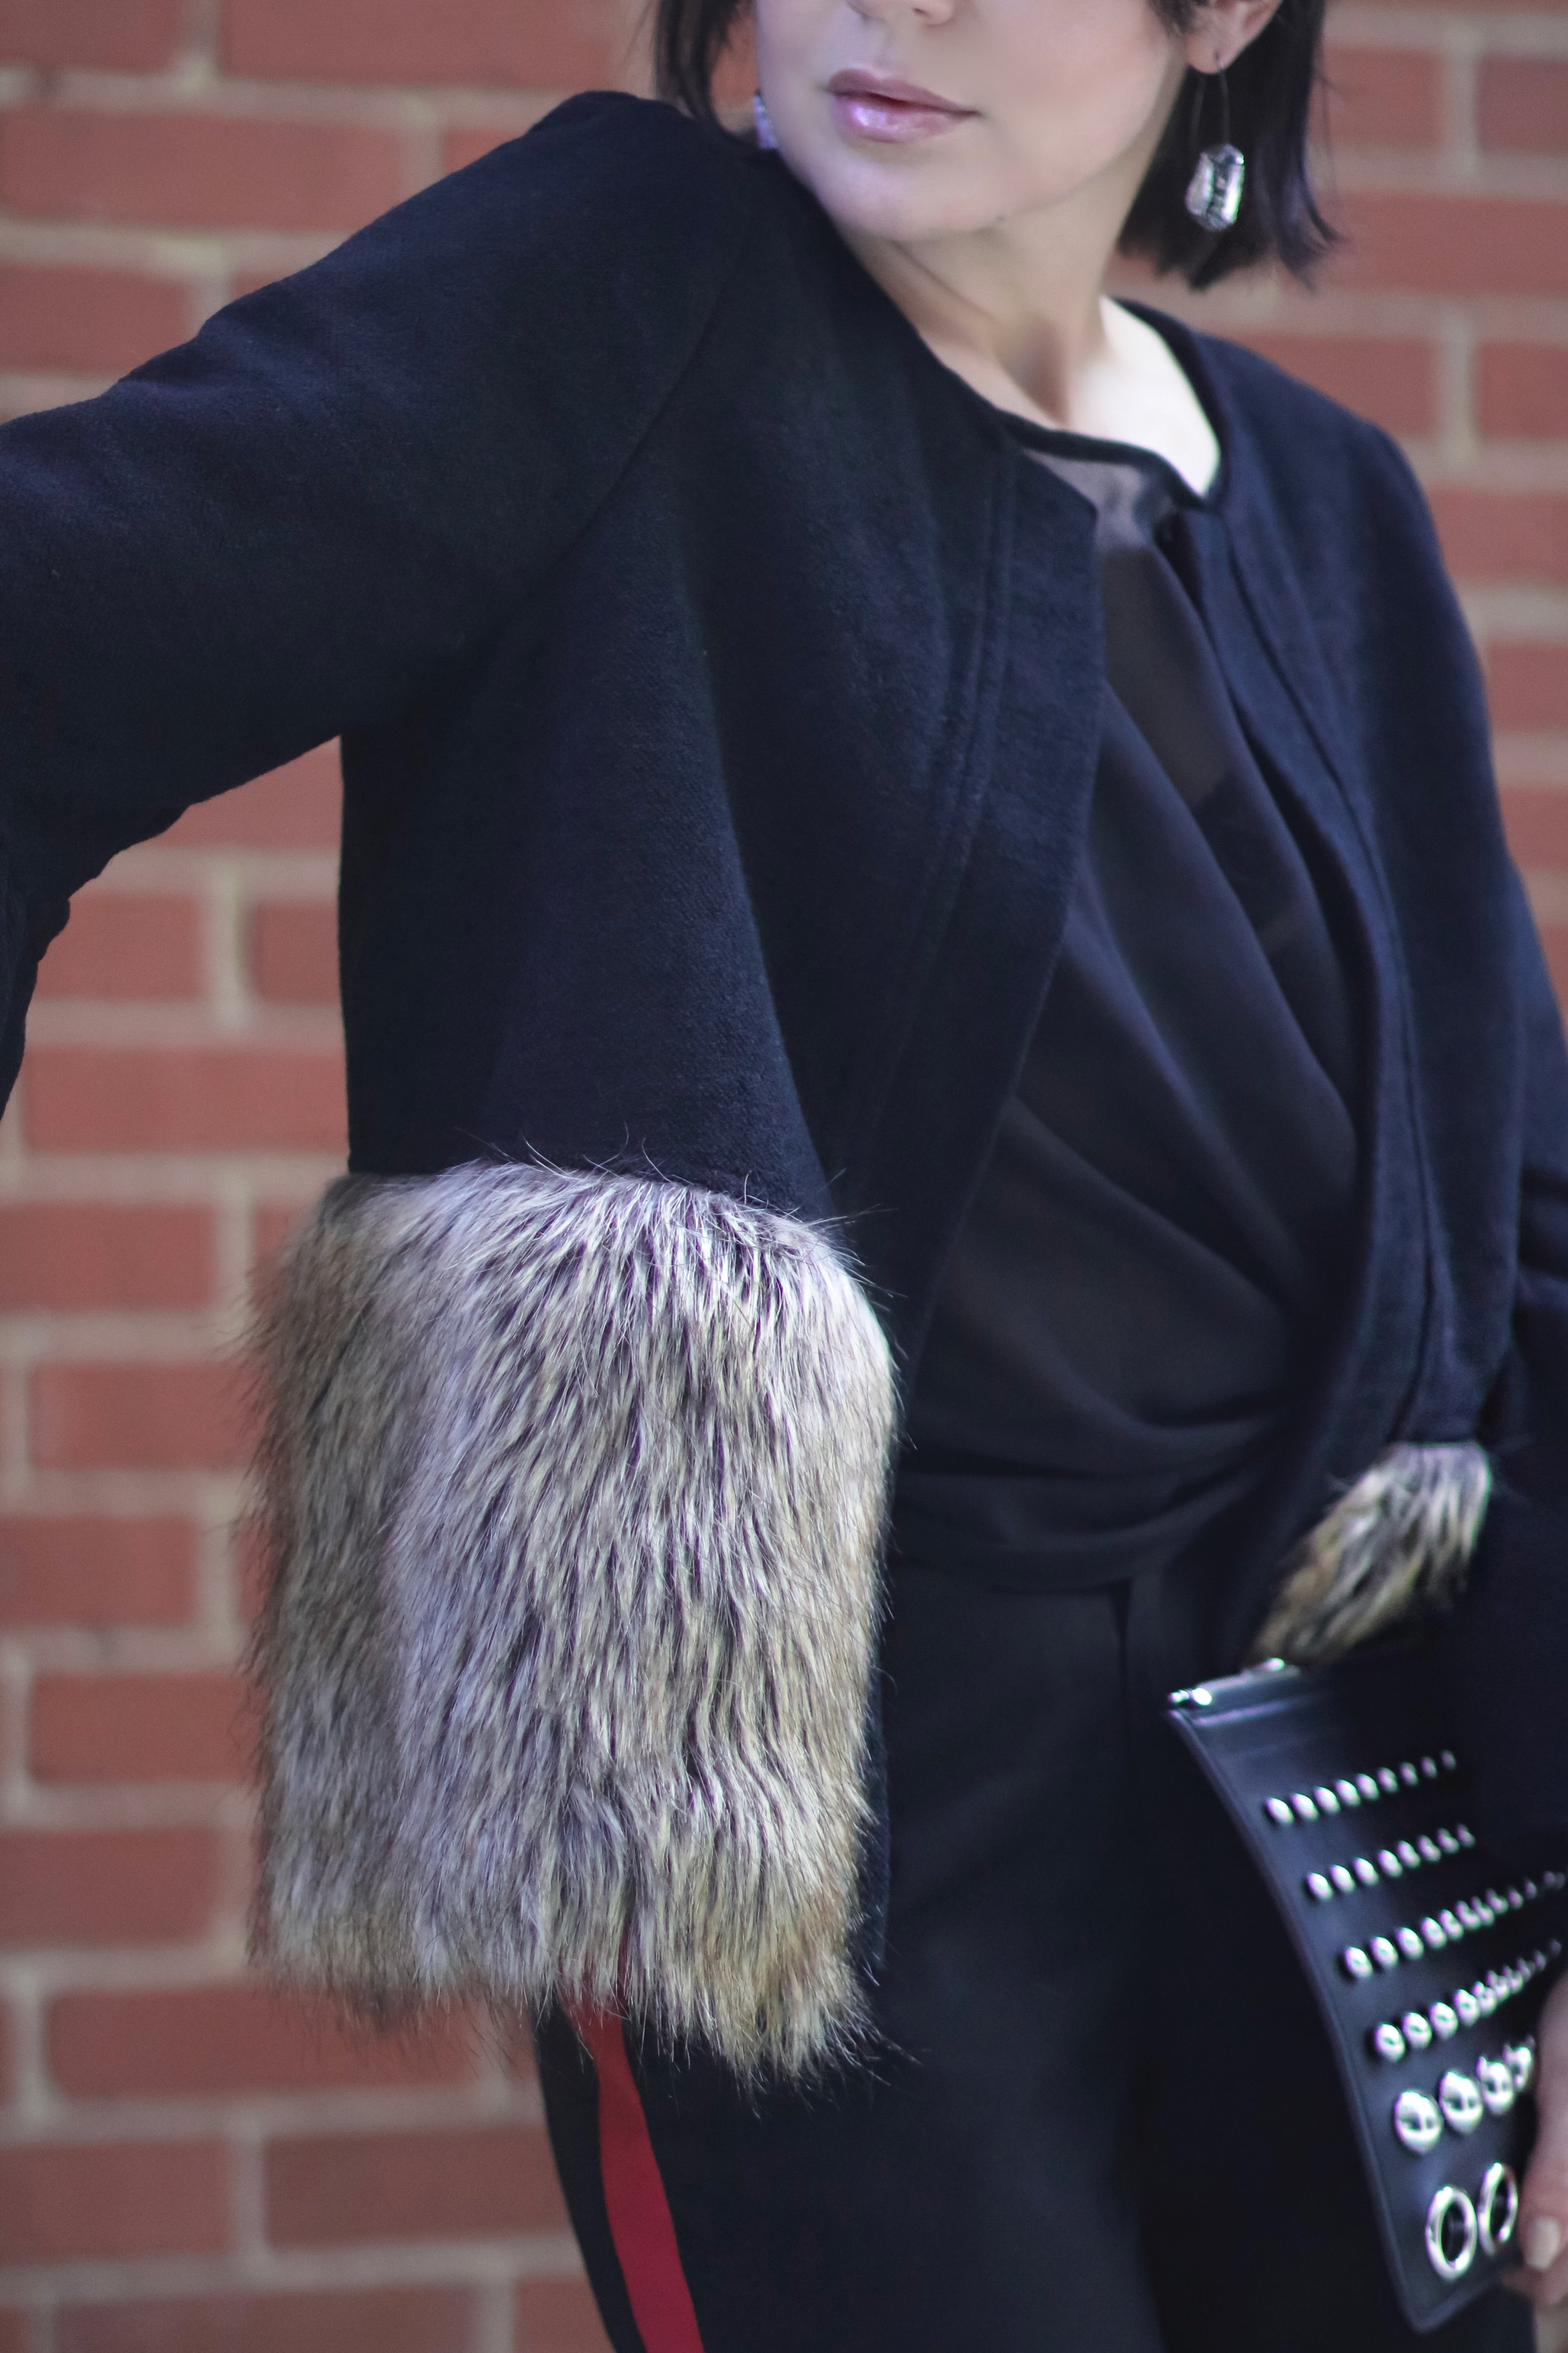 Paulita-Carlotta-fur-coat-close-up